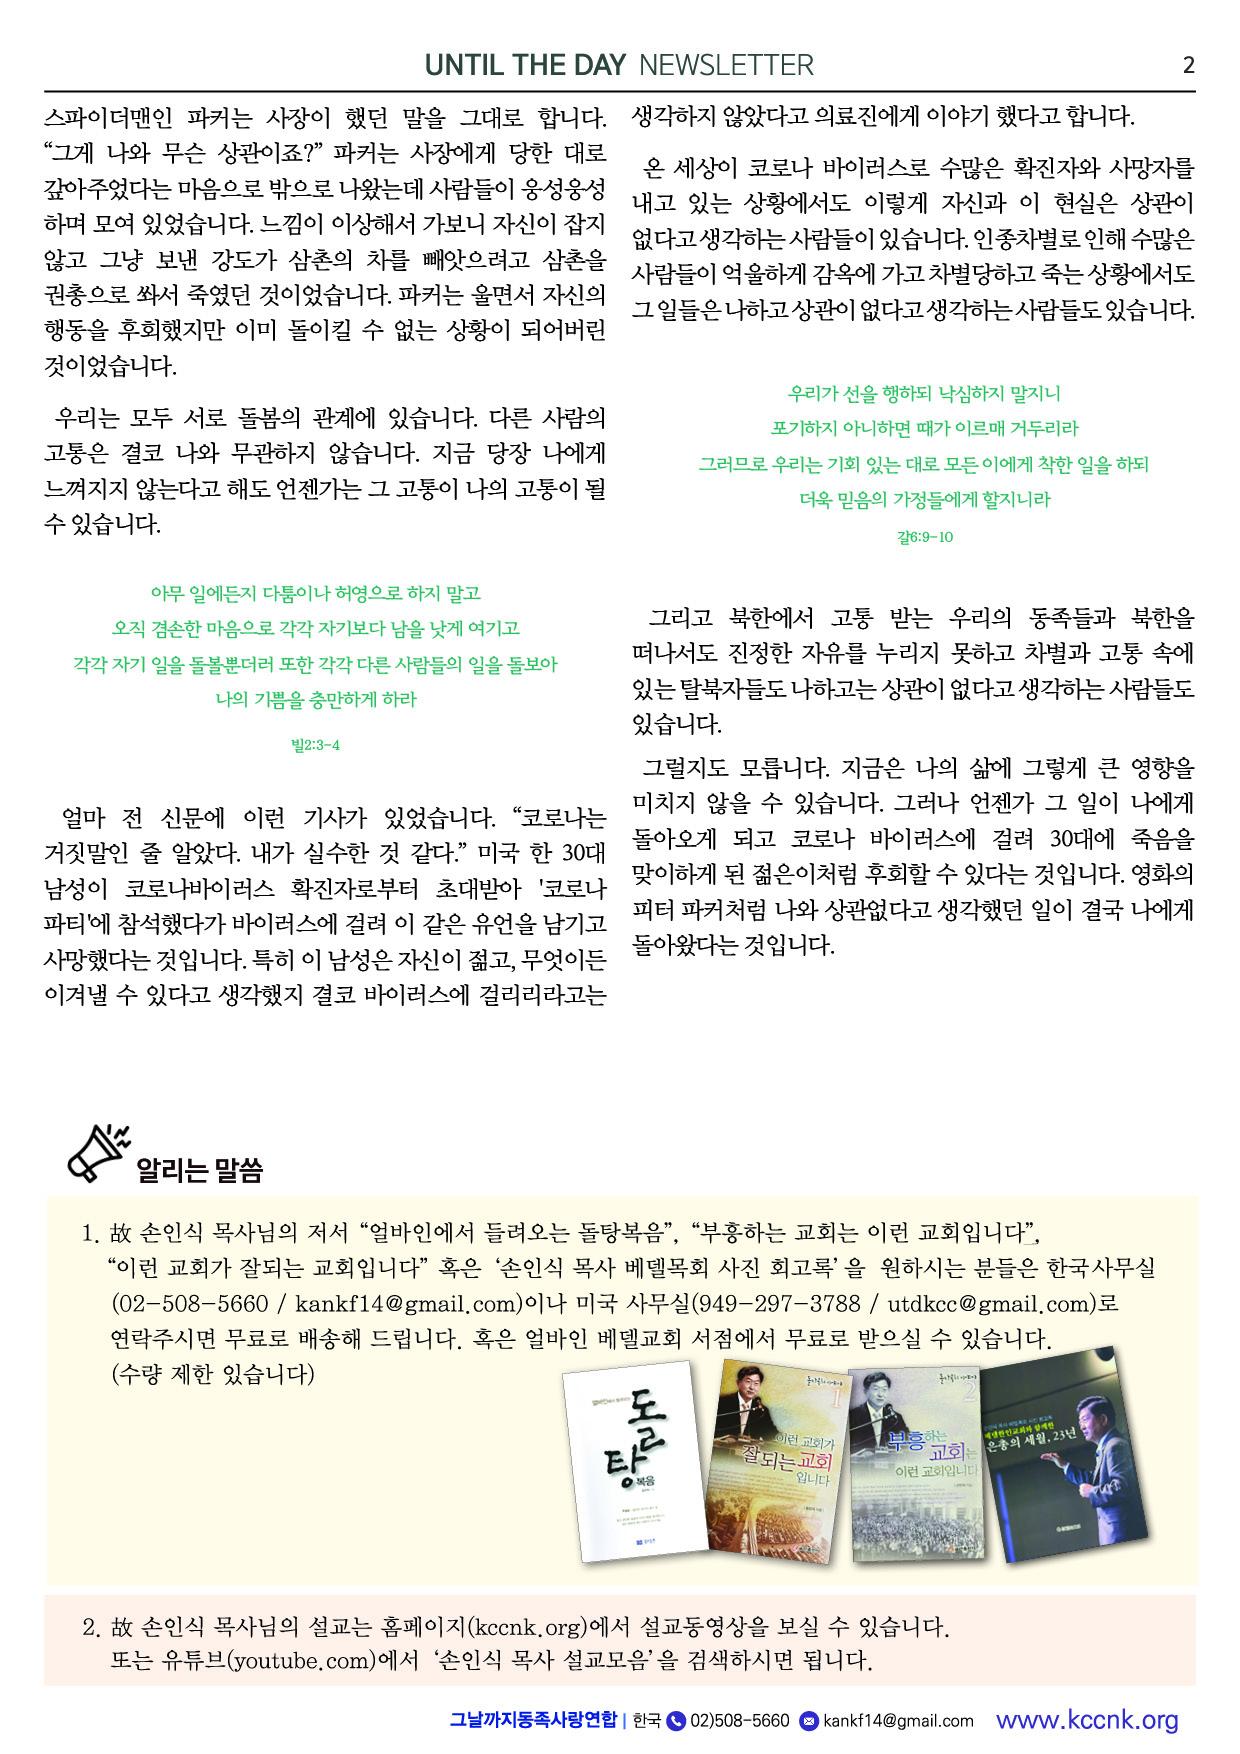 202008 UTD Newsletter_KR2.jpg